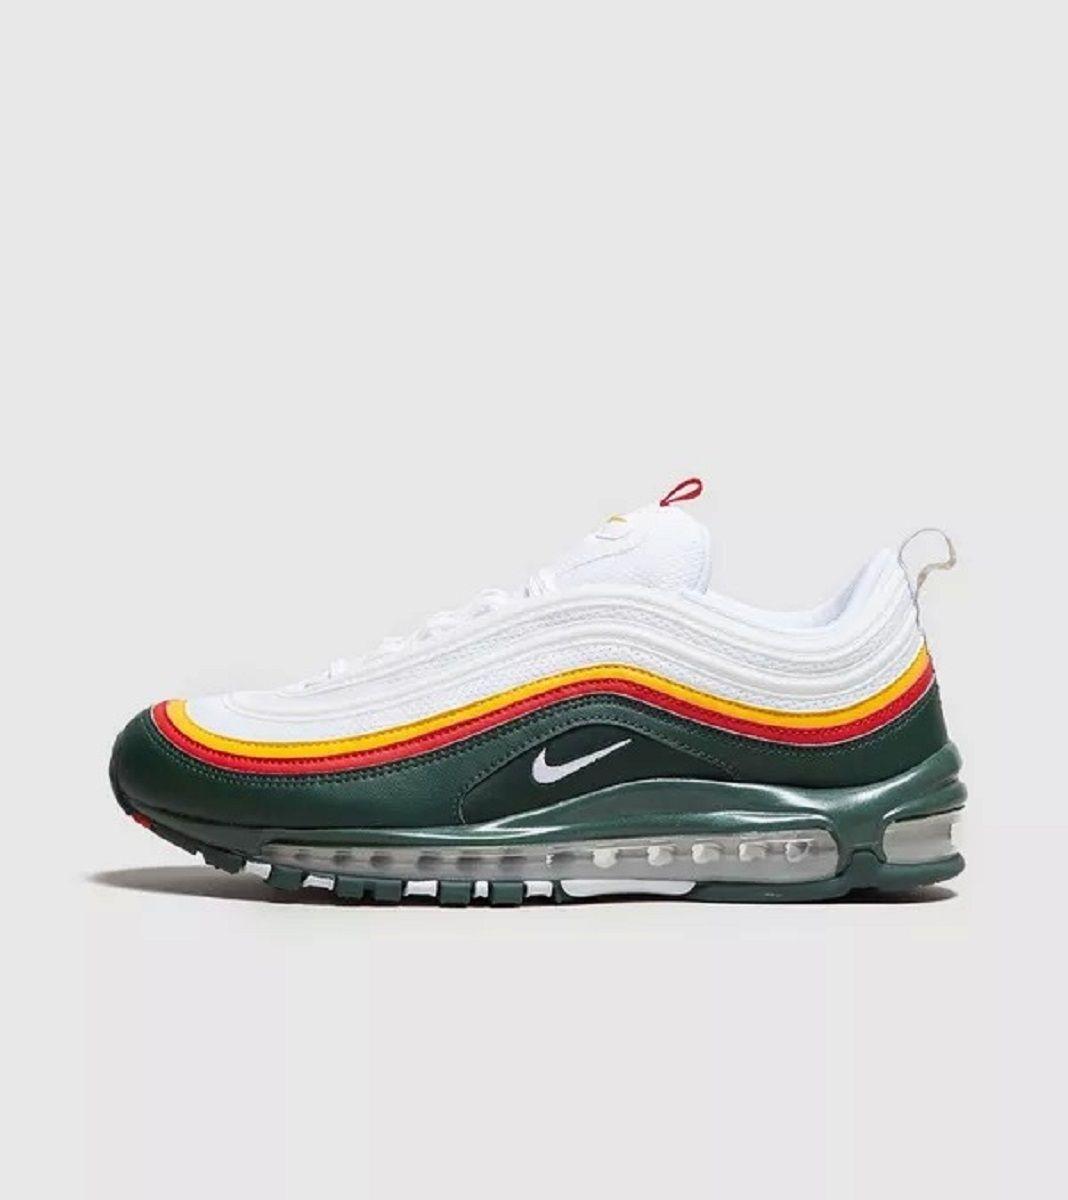 scarpe adidas uomo 97